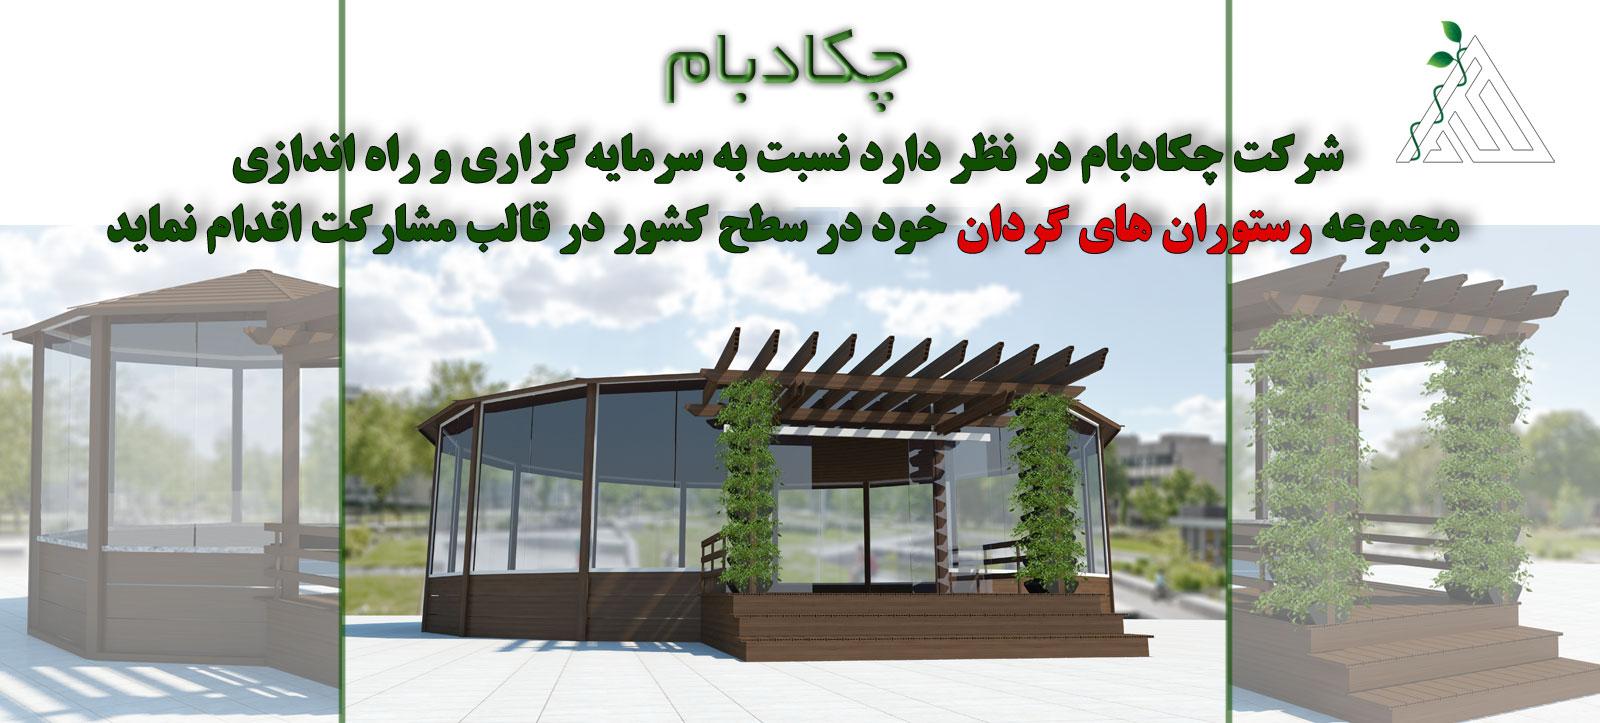 chekadbam twist panoramic restaurant rooftop in iran